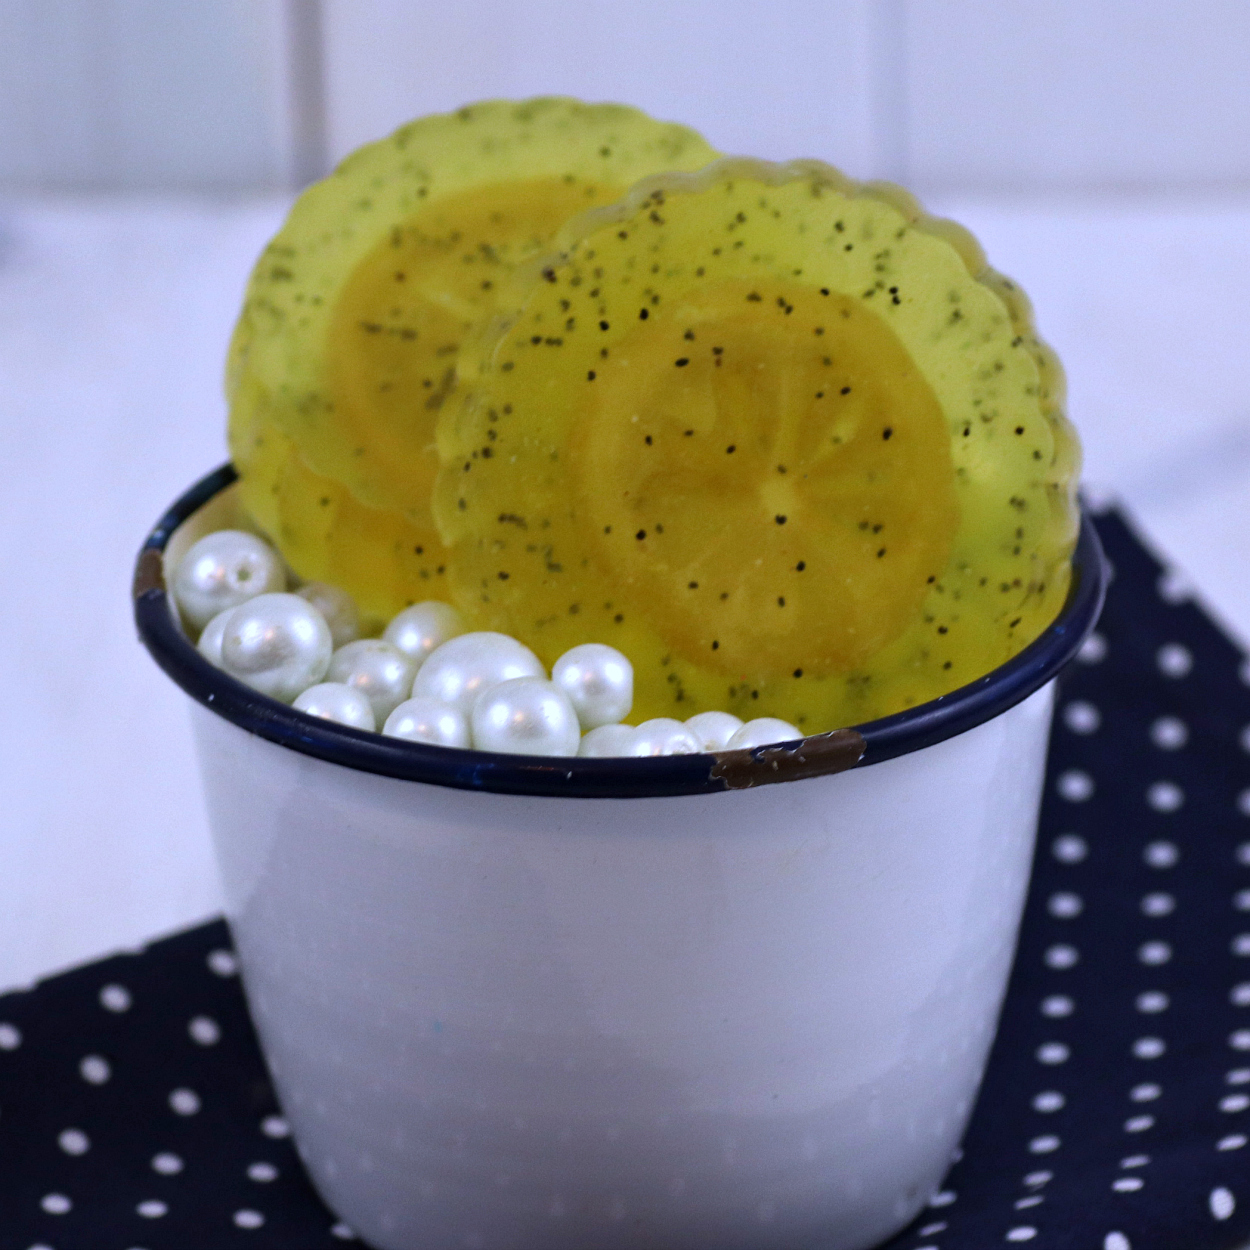 lemon poppyseed soap in white soap dish